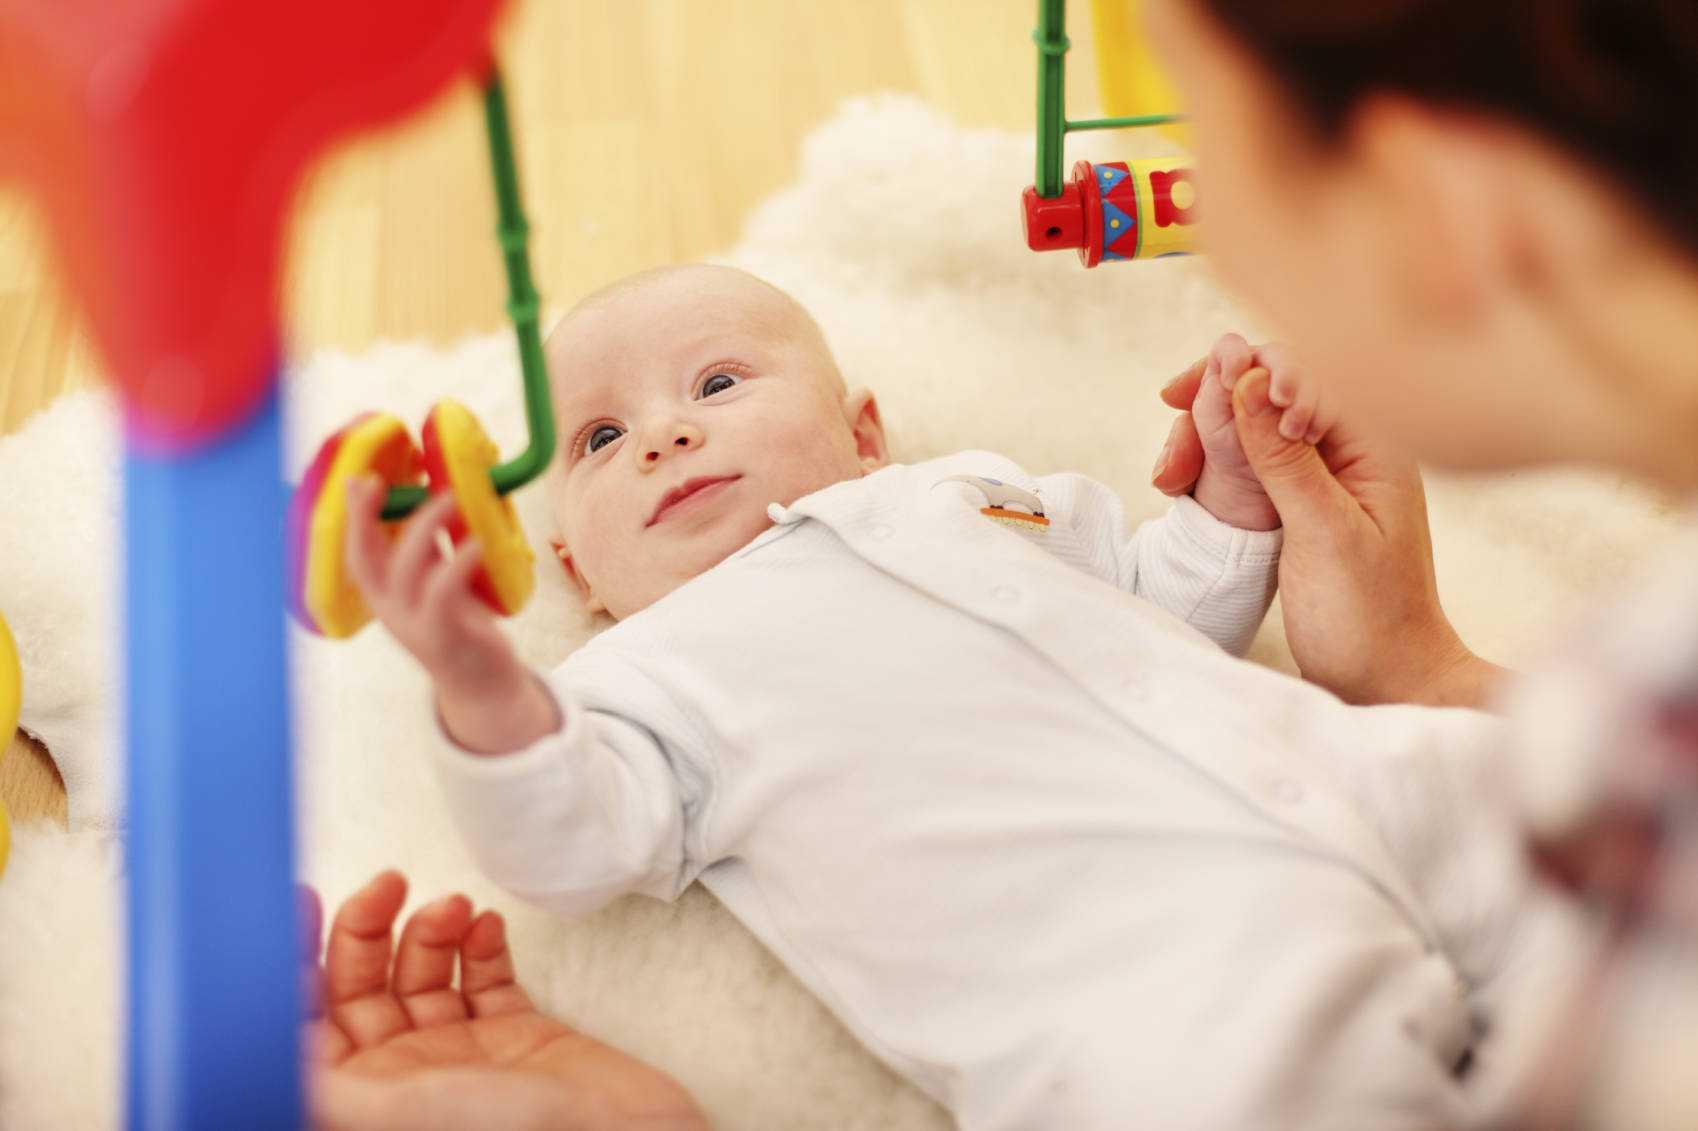 Особенности развития ребенка в 4 месяца